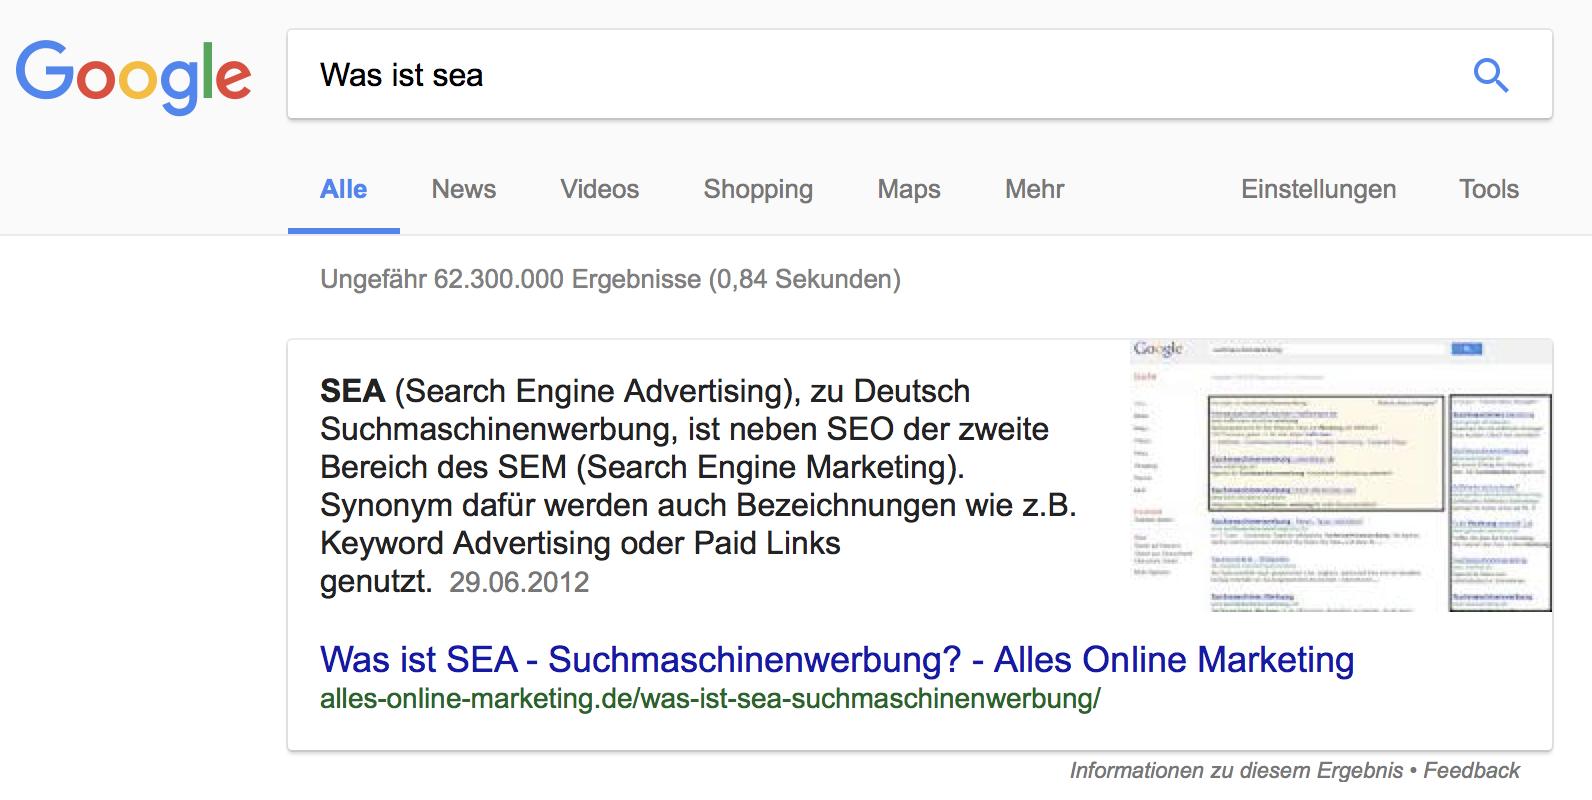 """Darstellung als Textantwort eines Featured Snippet für die Frage """"Was ist SEA?"""""""